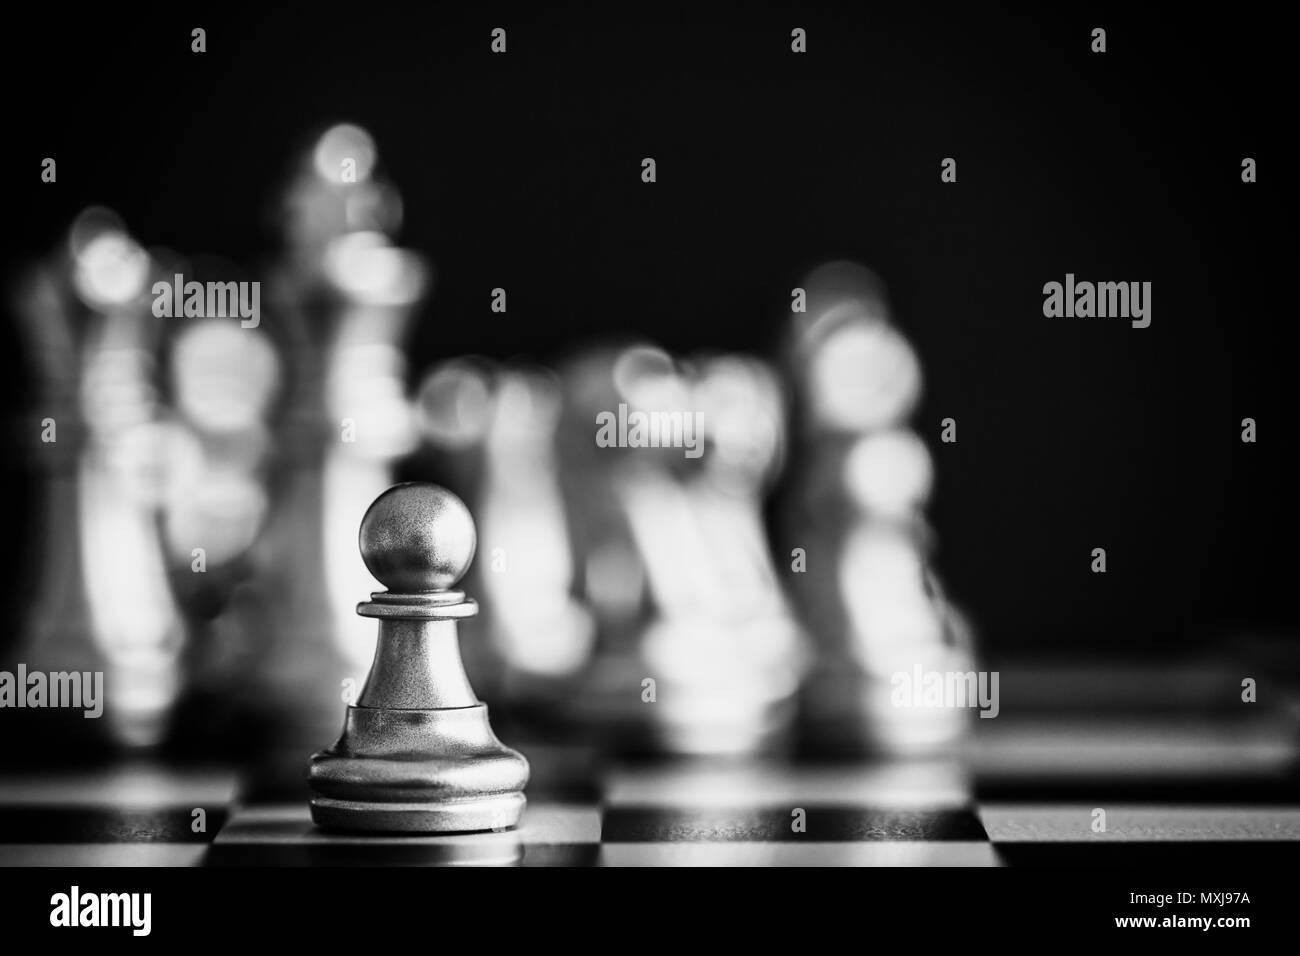 Strategie schach Schlacht Intelligenz Challenge Game am Schachbrett. Der Erfolg der Strategie Konzept. Schach Business Leader und Erfolg Idee. Chess Strategie Stockbild